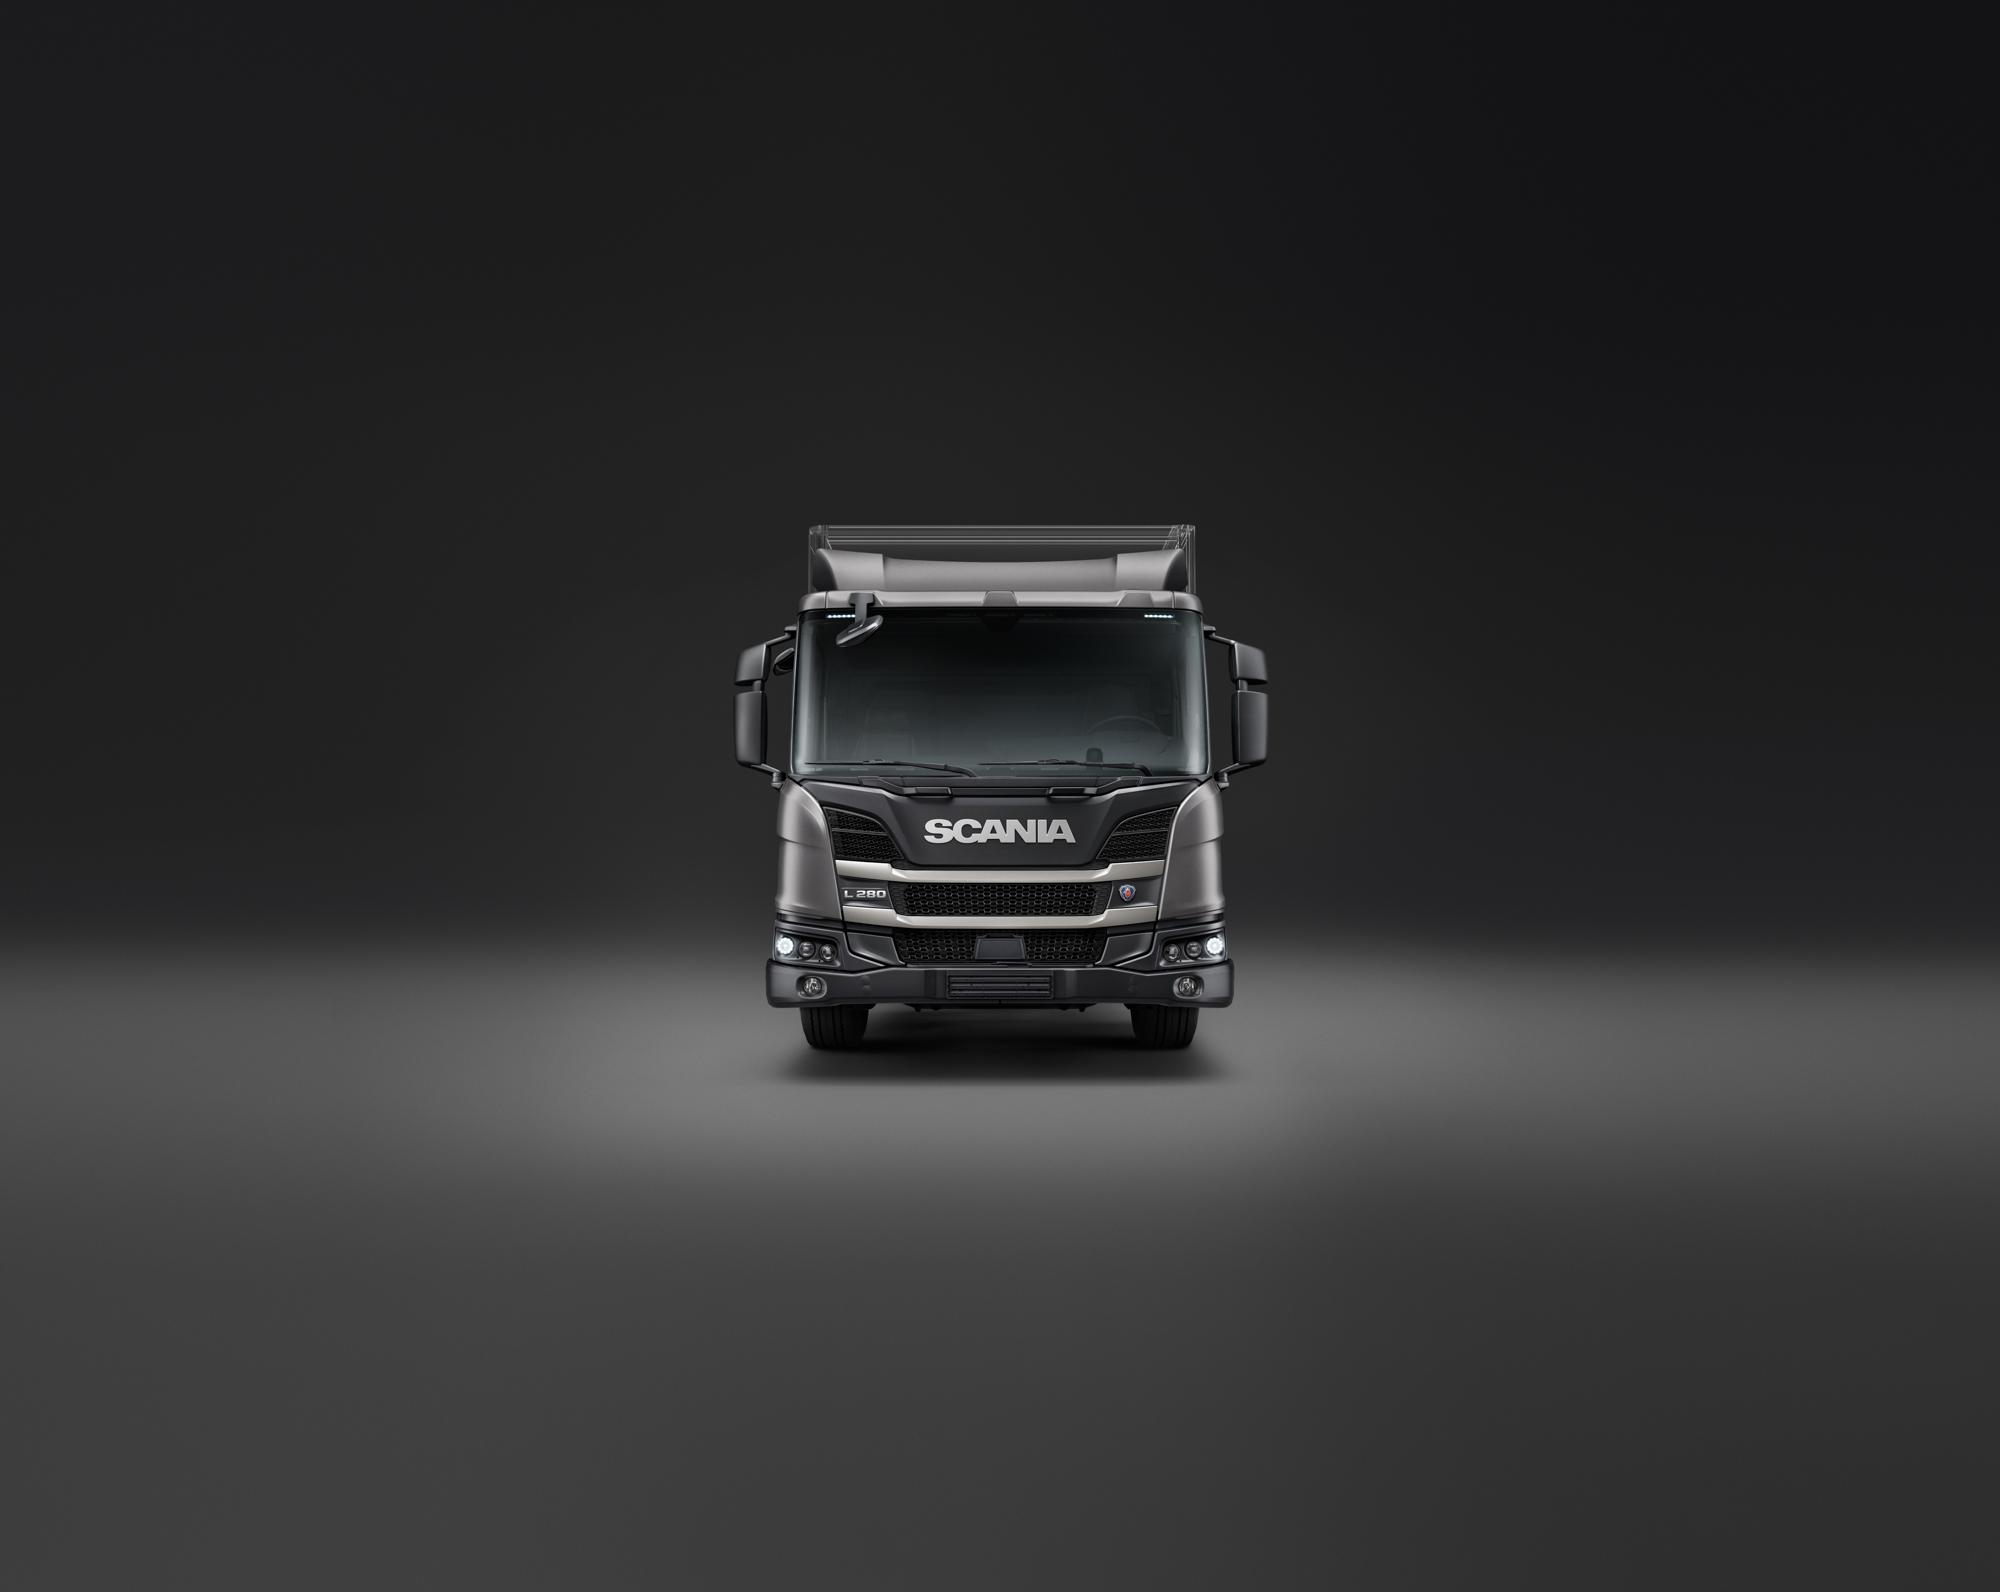 Scania_Truck_004.JPG